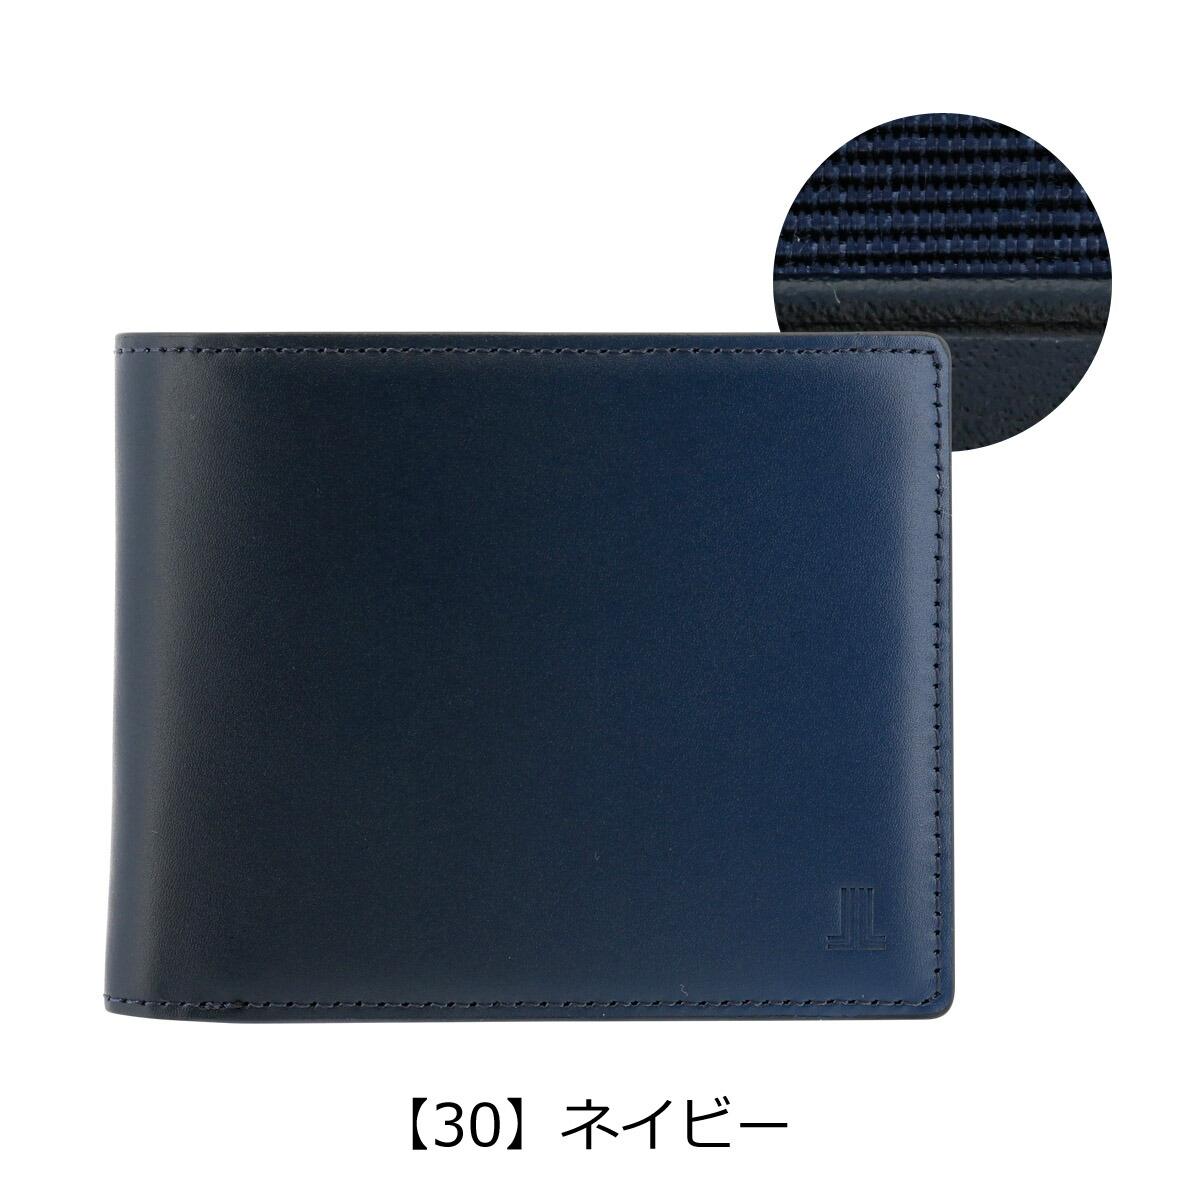 【30】ネイビー